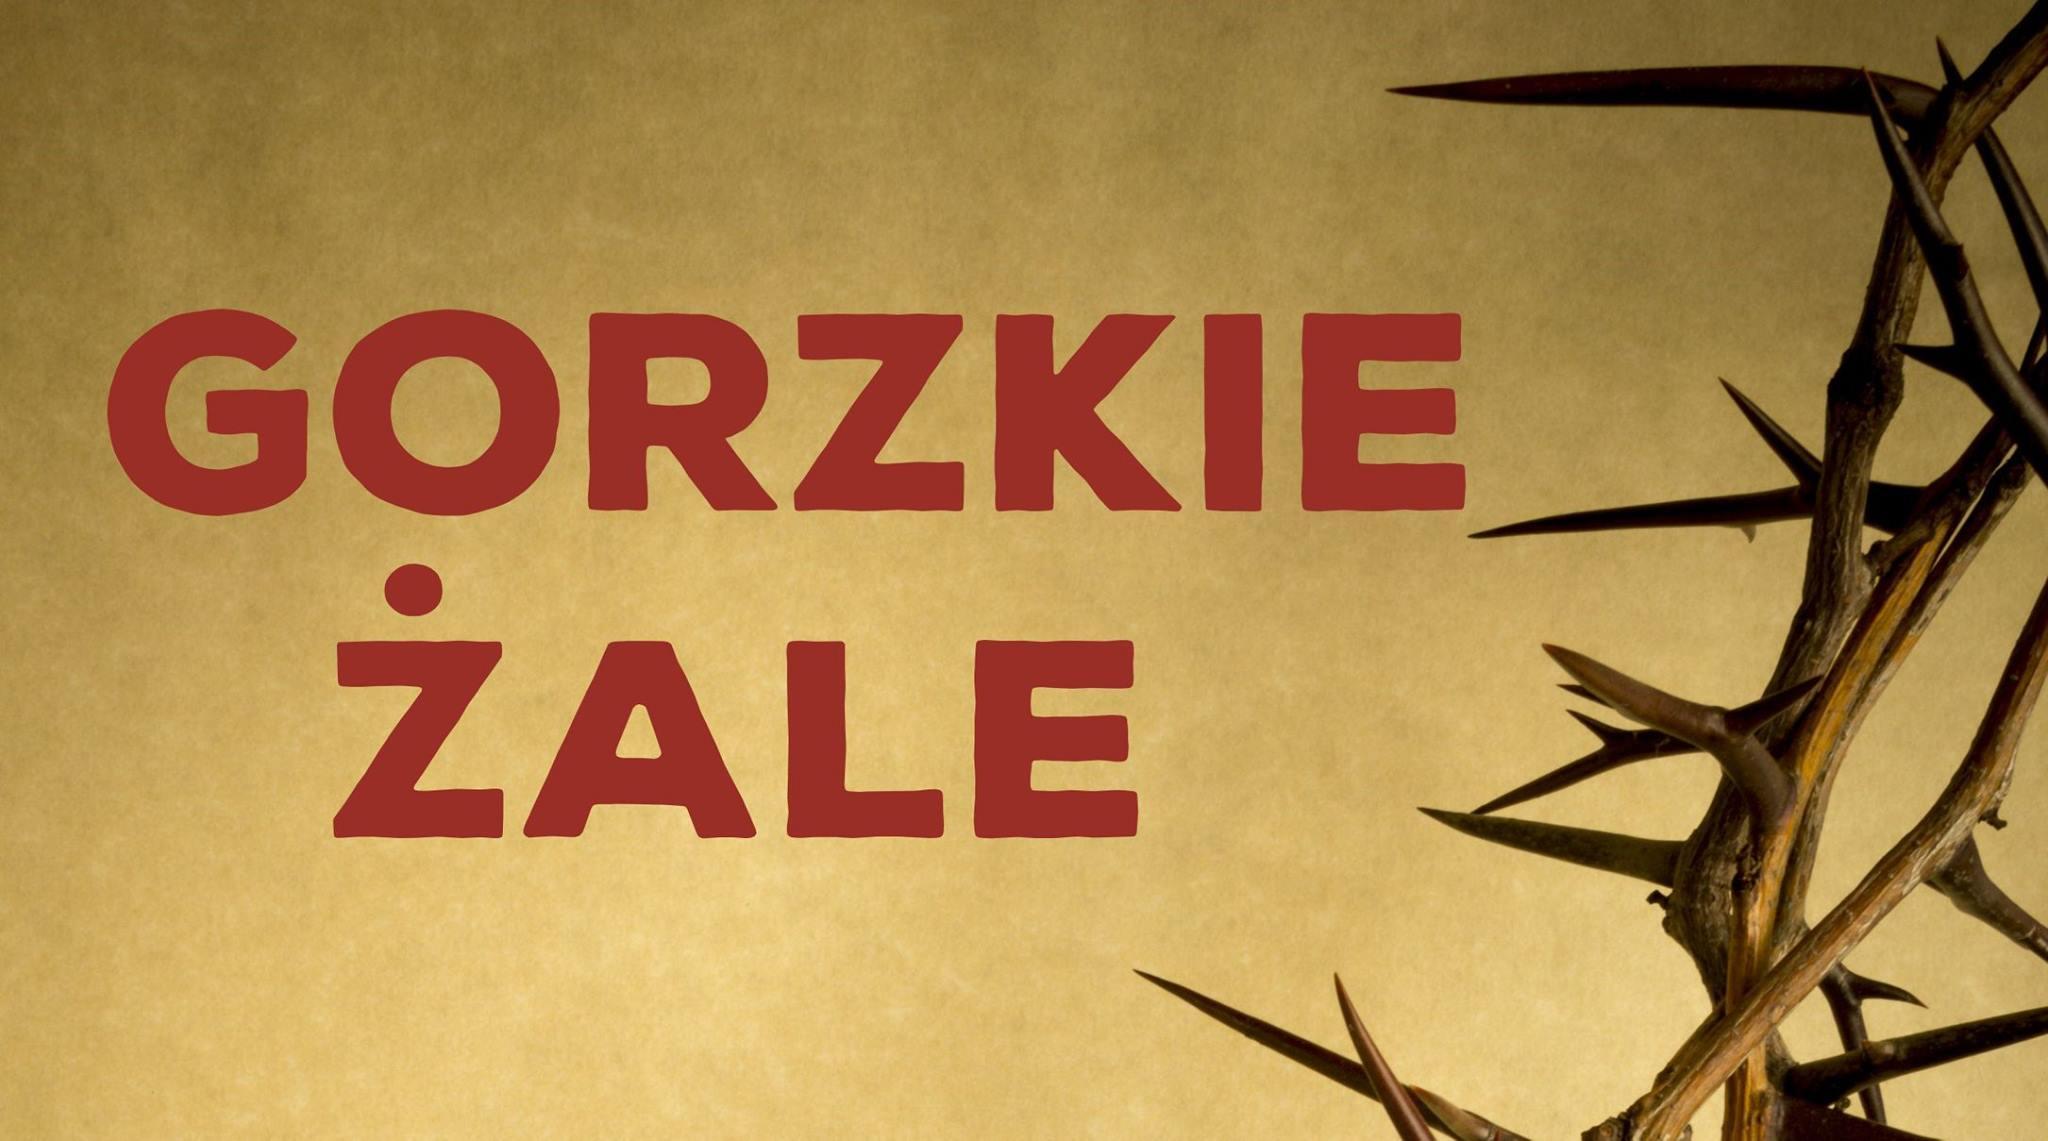 Gorzkie Żale - IV Niedziela Wielkiego Postu 31.03.2019 godz. 17.00